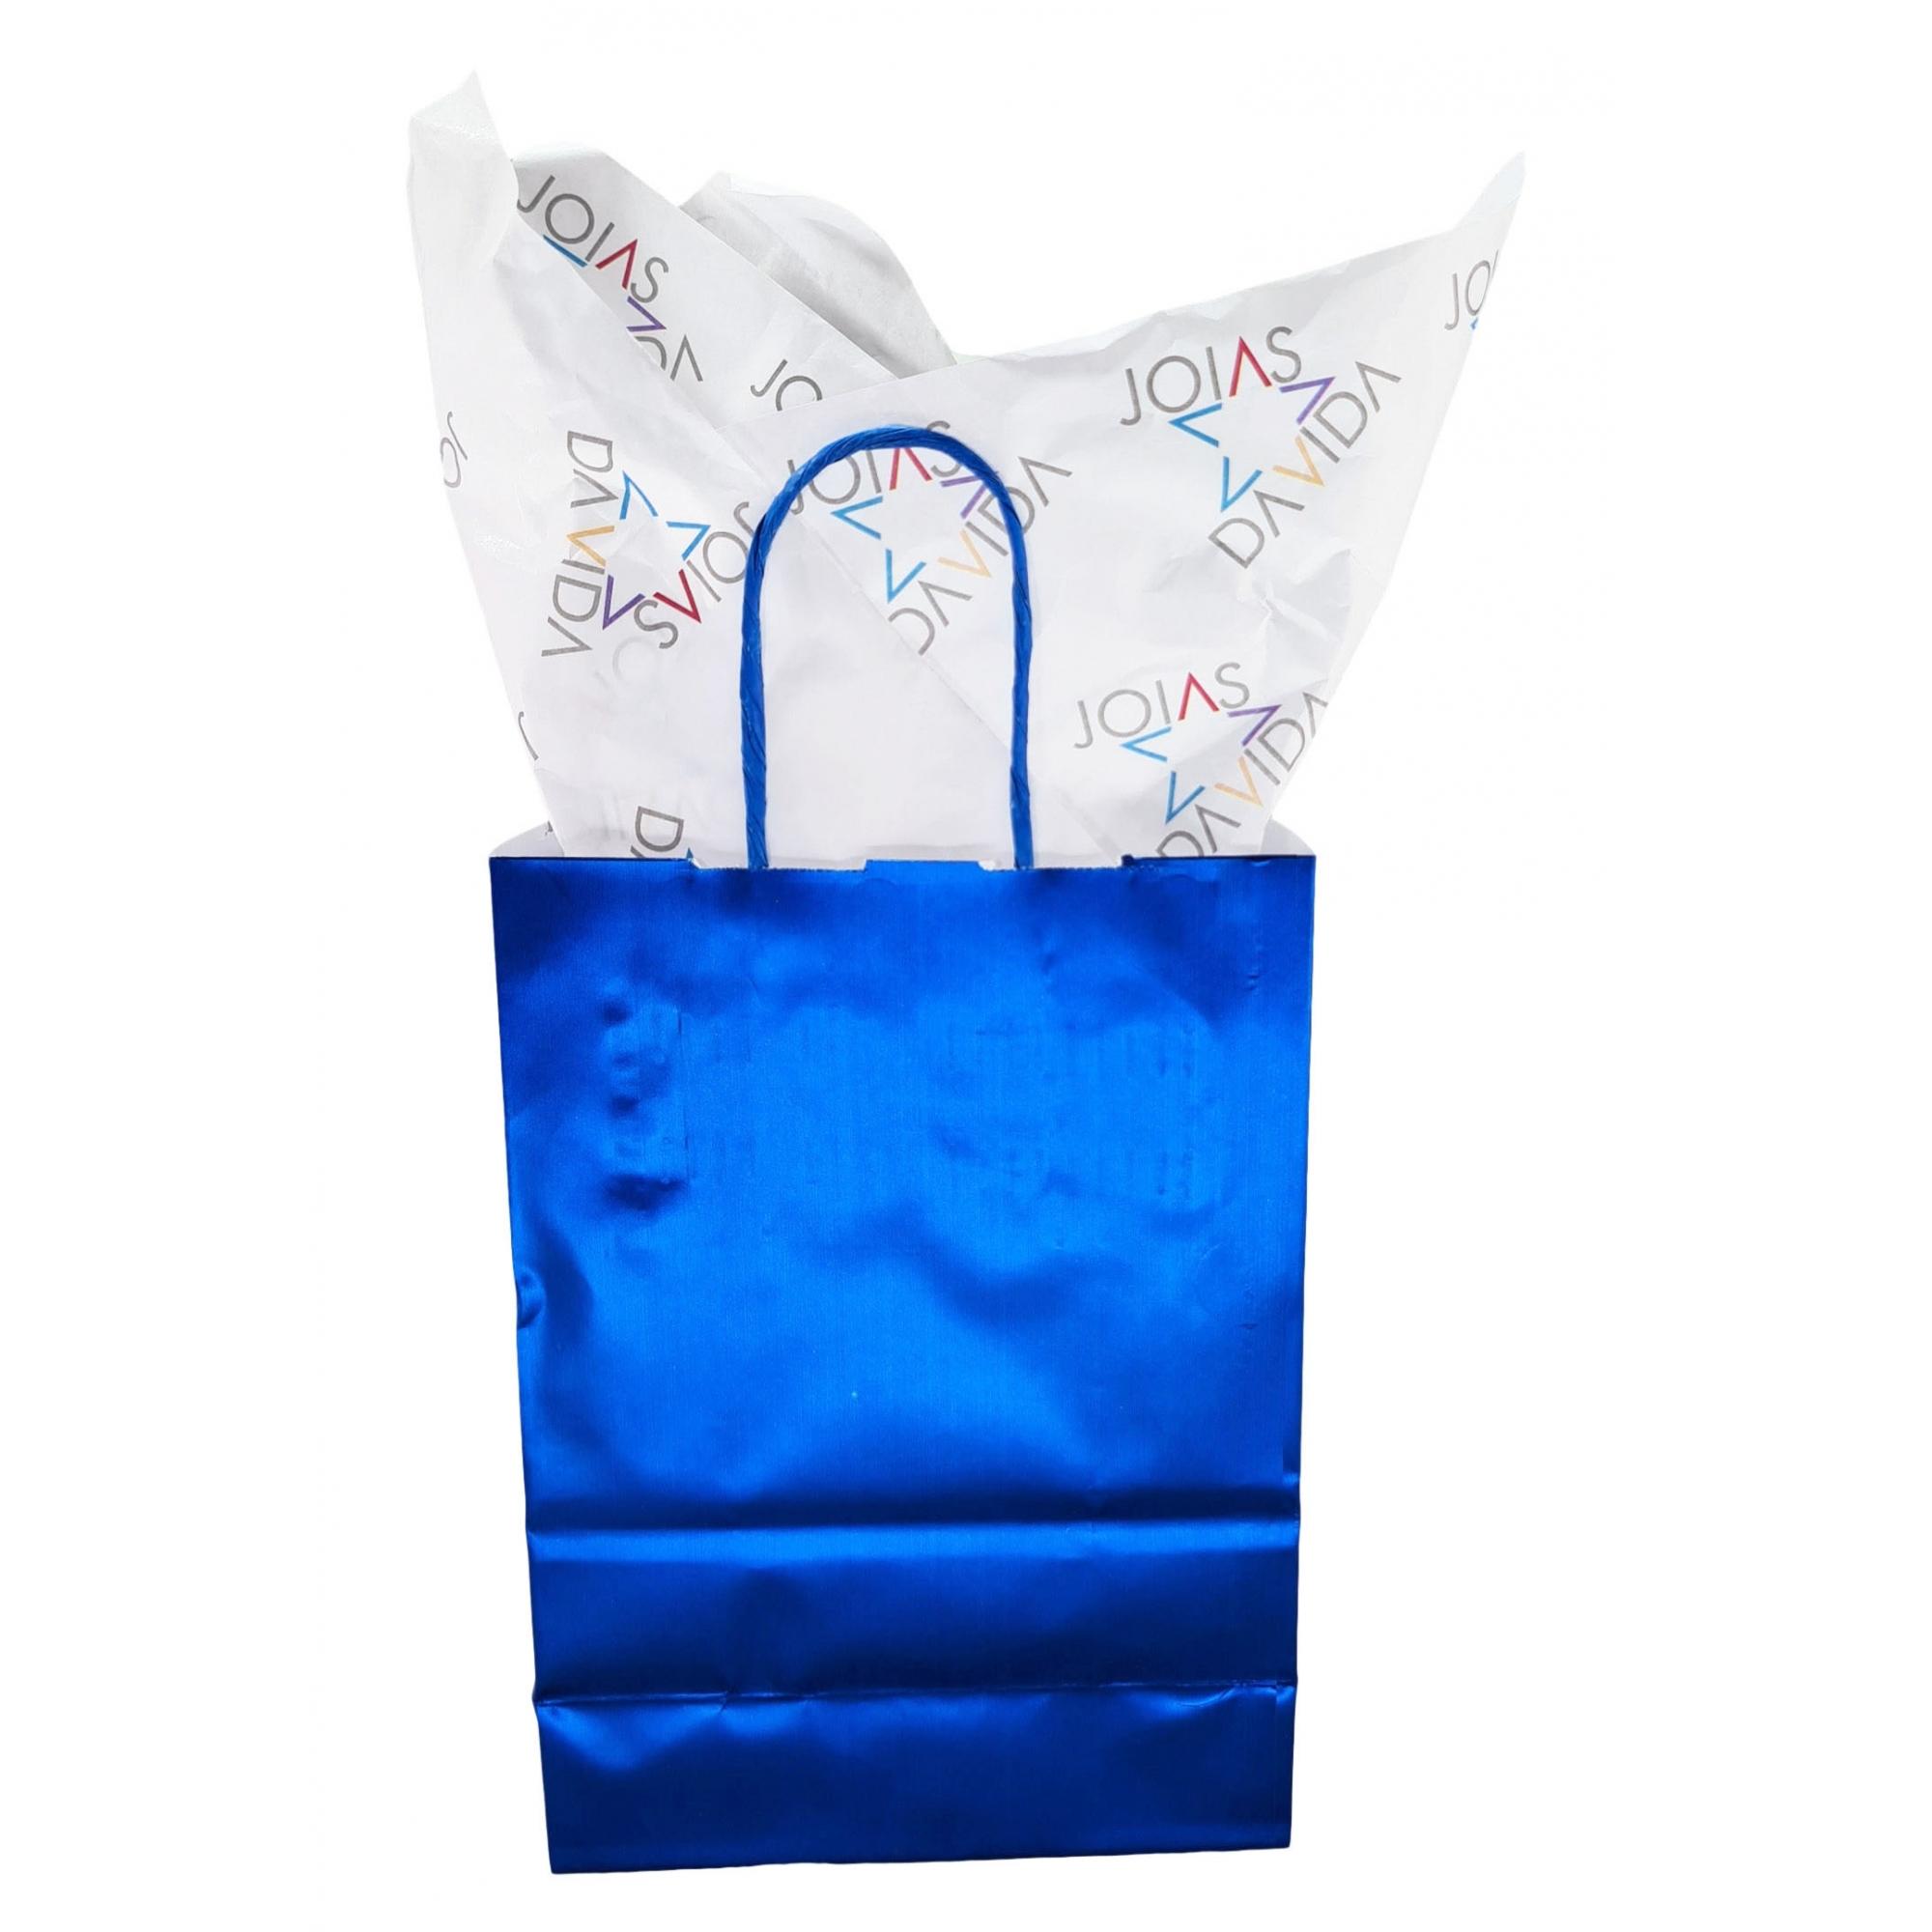 Papel de Seda Personalizado 20g/m - Tamanho 50 x 70 - Linha paper 447  - Litex Embalagens